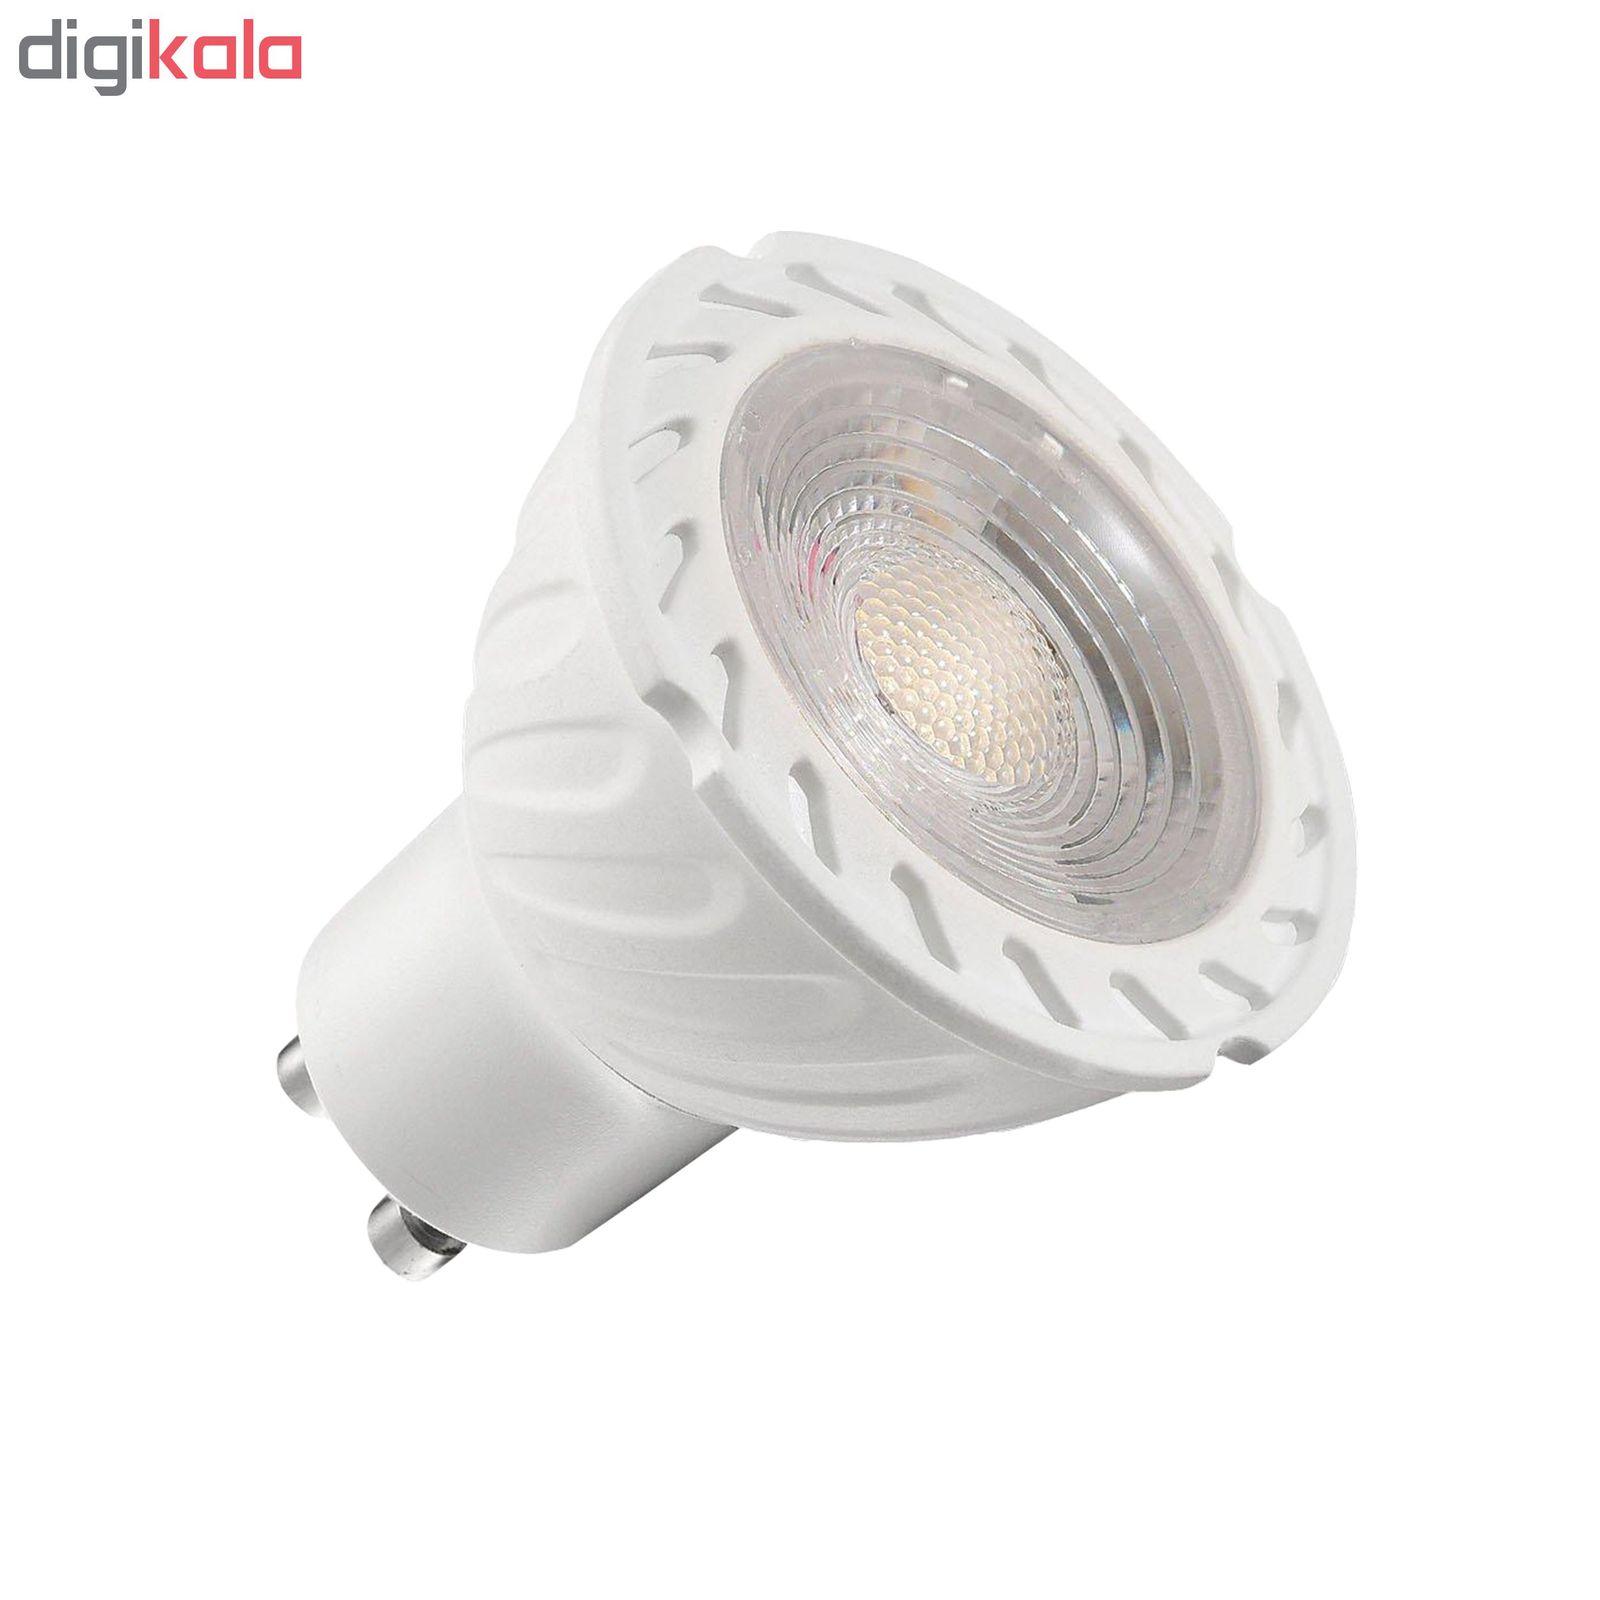 لامپ هالوژن 7 وات مدل GOL-010 پایه GU10 بسته 10 عددی main 1 1